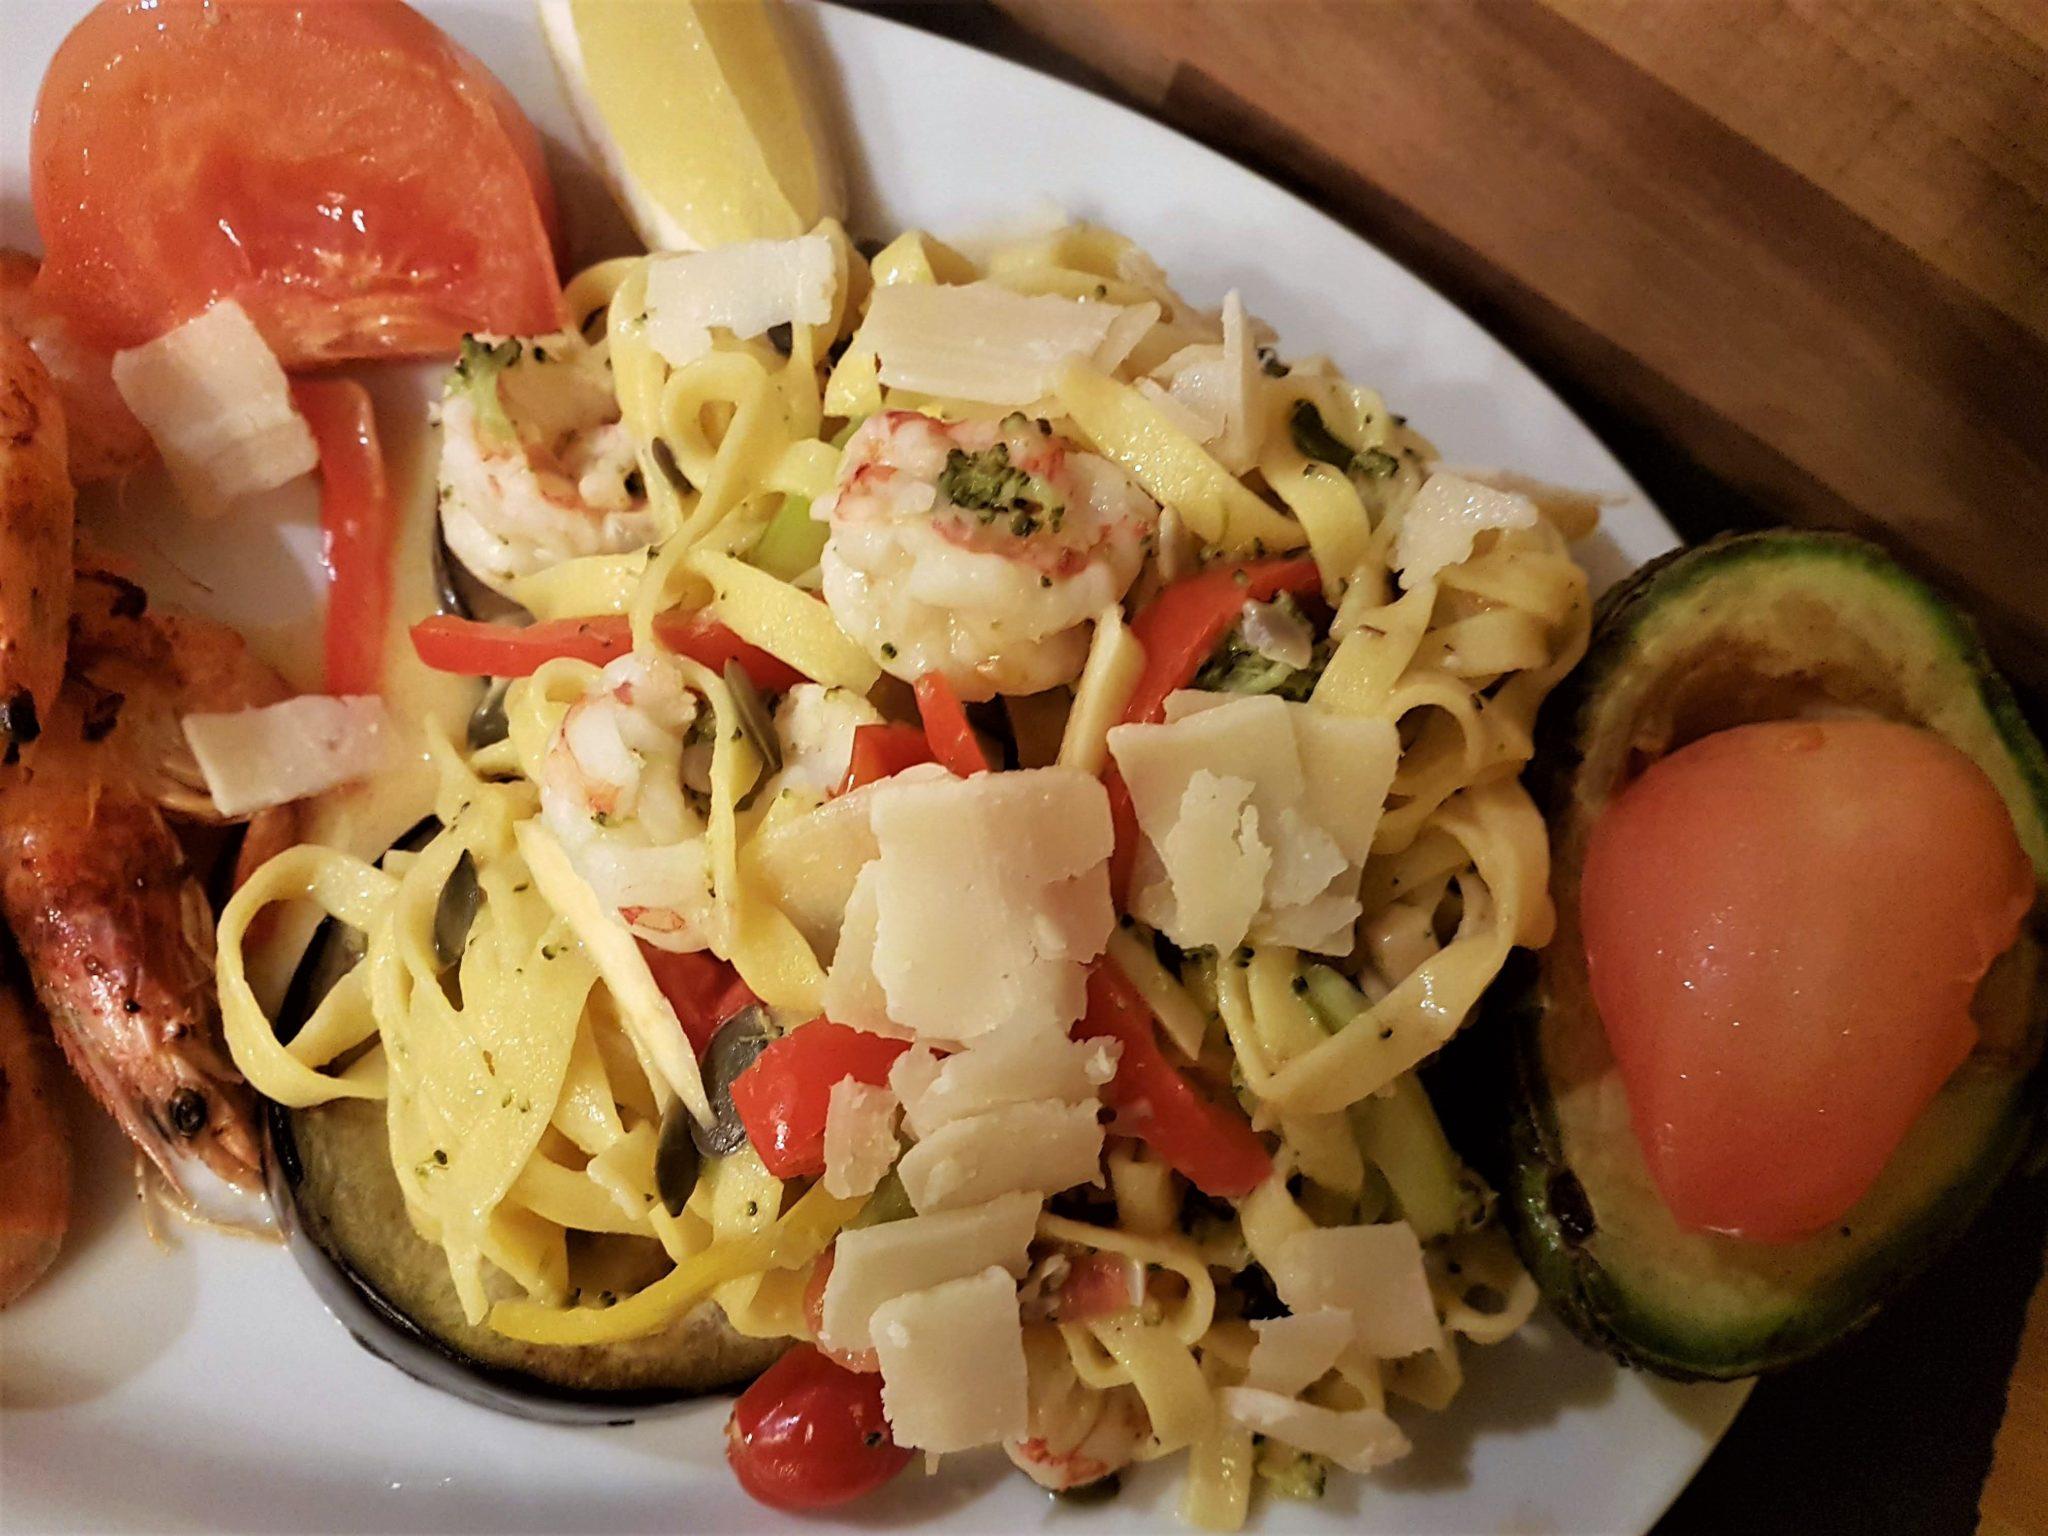 Frisch kochen ist einfach, gesünder Essen